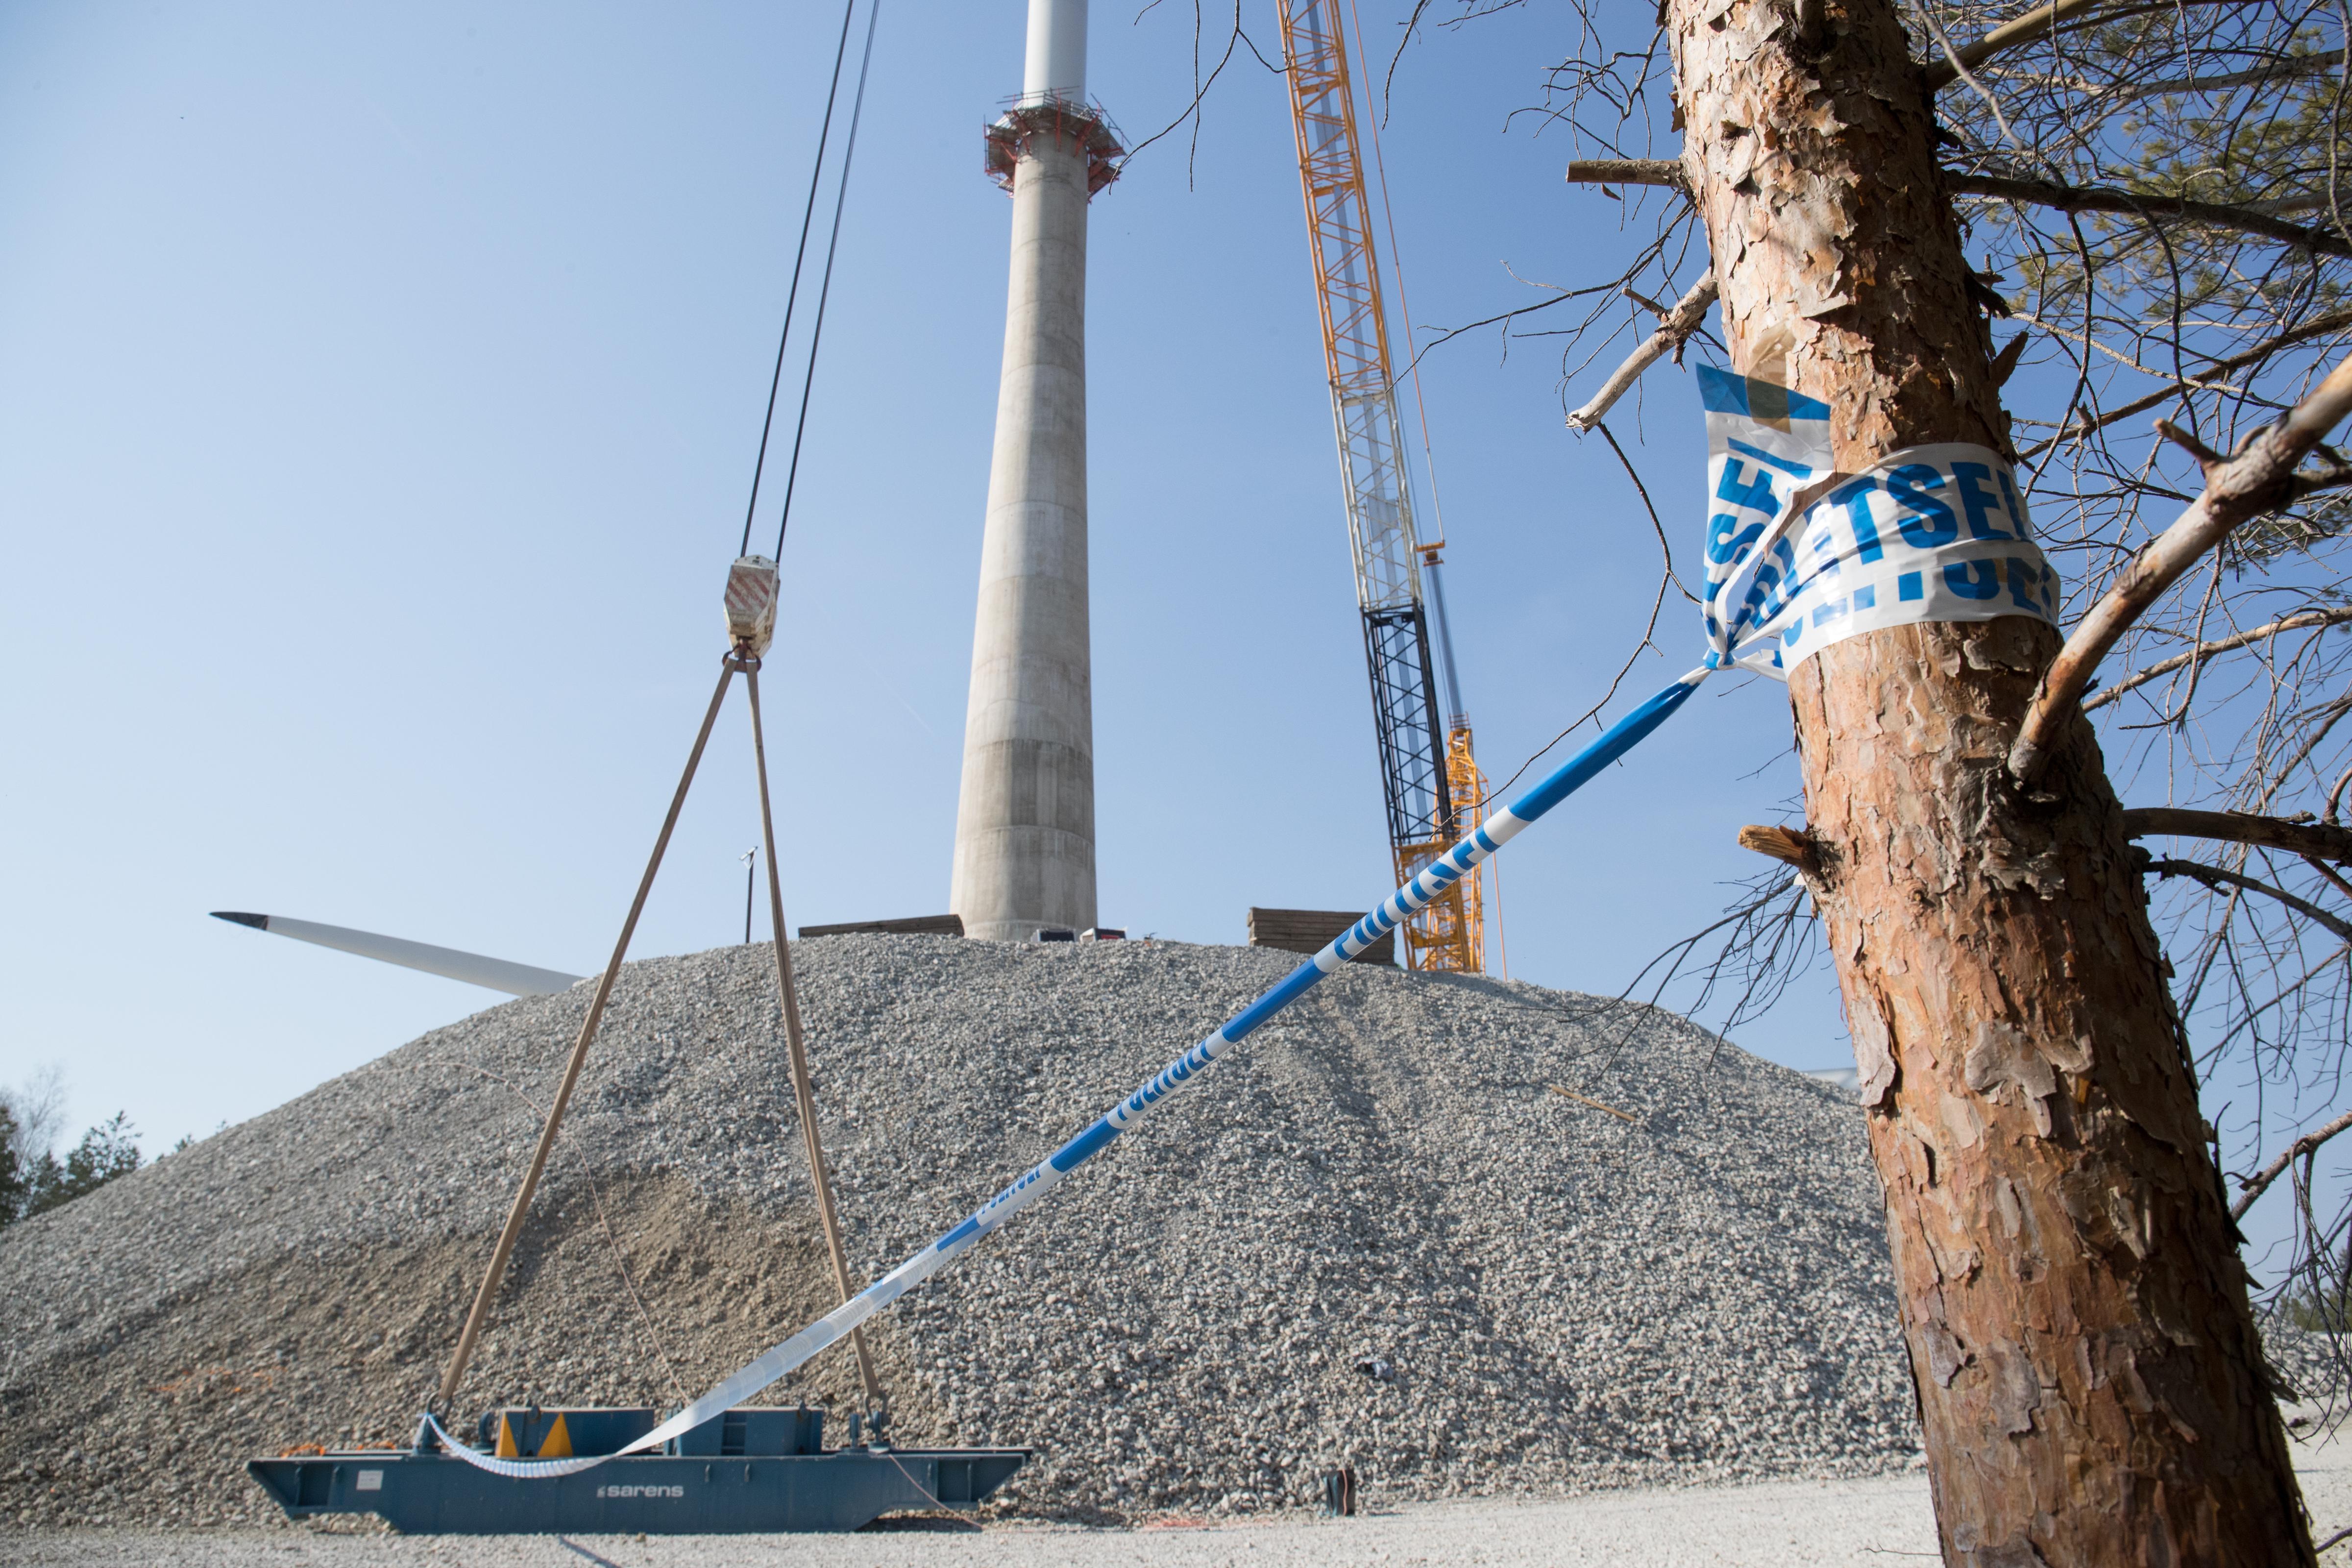 Aidu tuulepark on aprillist määramata ajaks politsei järelevalve all